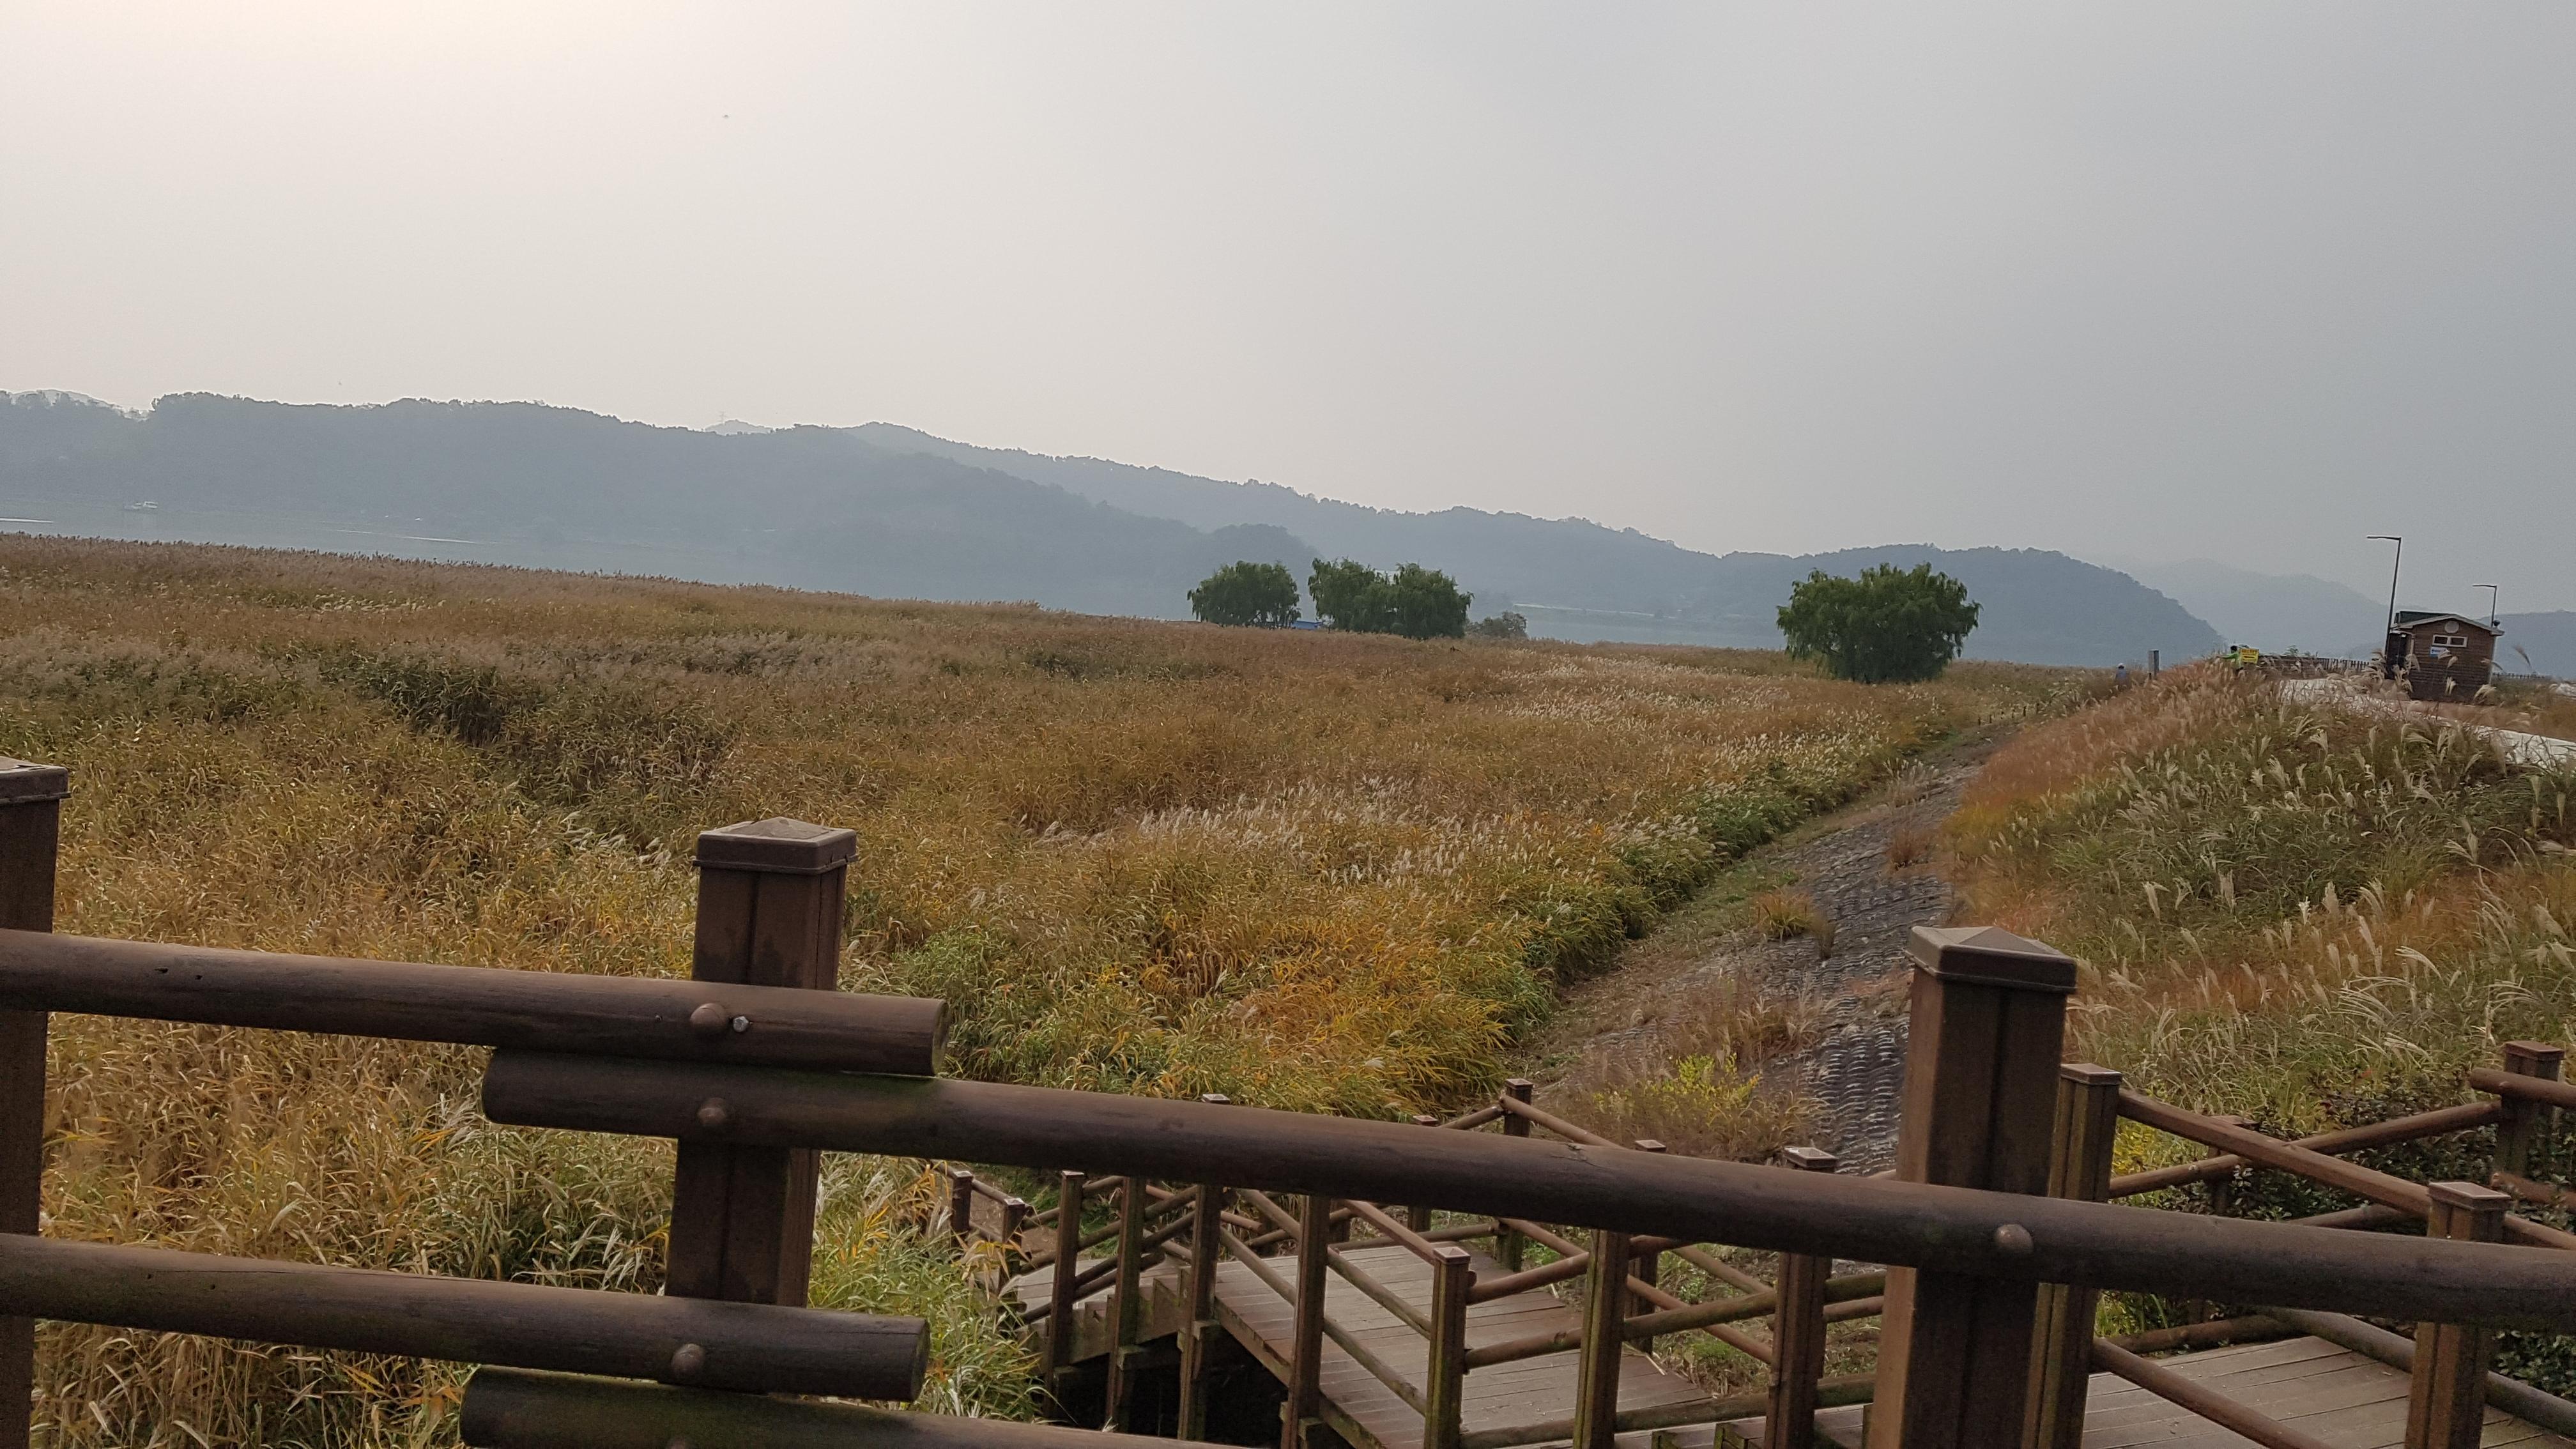 #신성리갈대밭 #신성리갈대숲